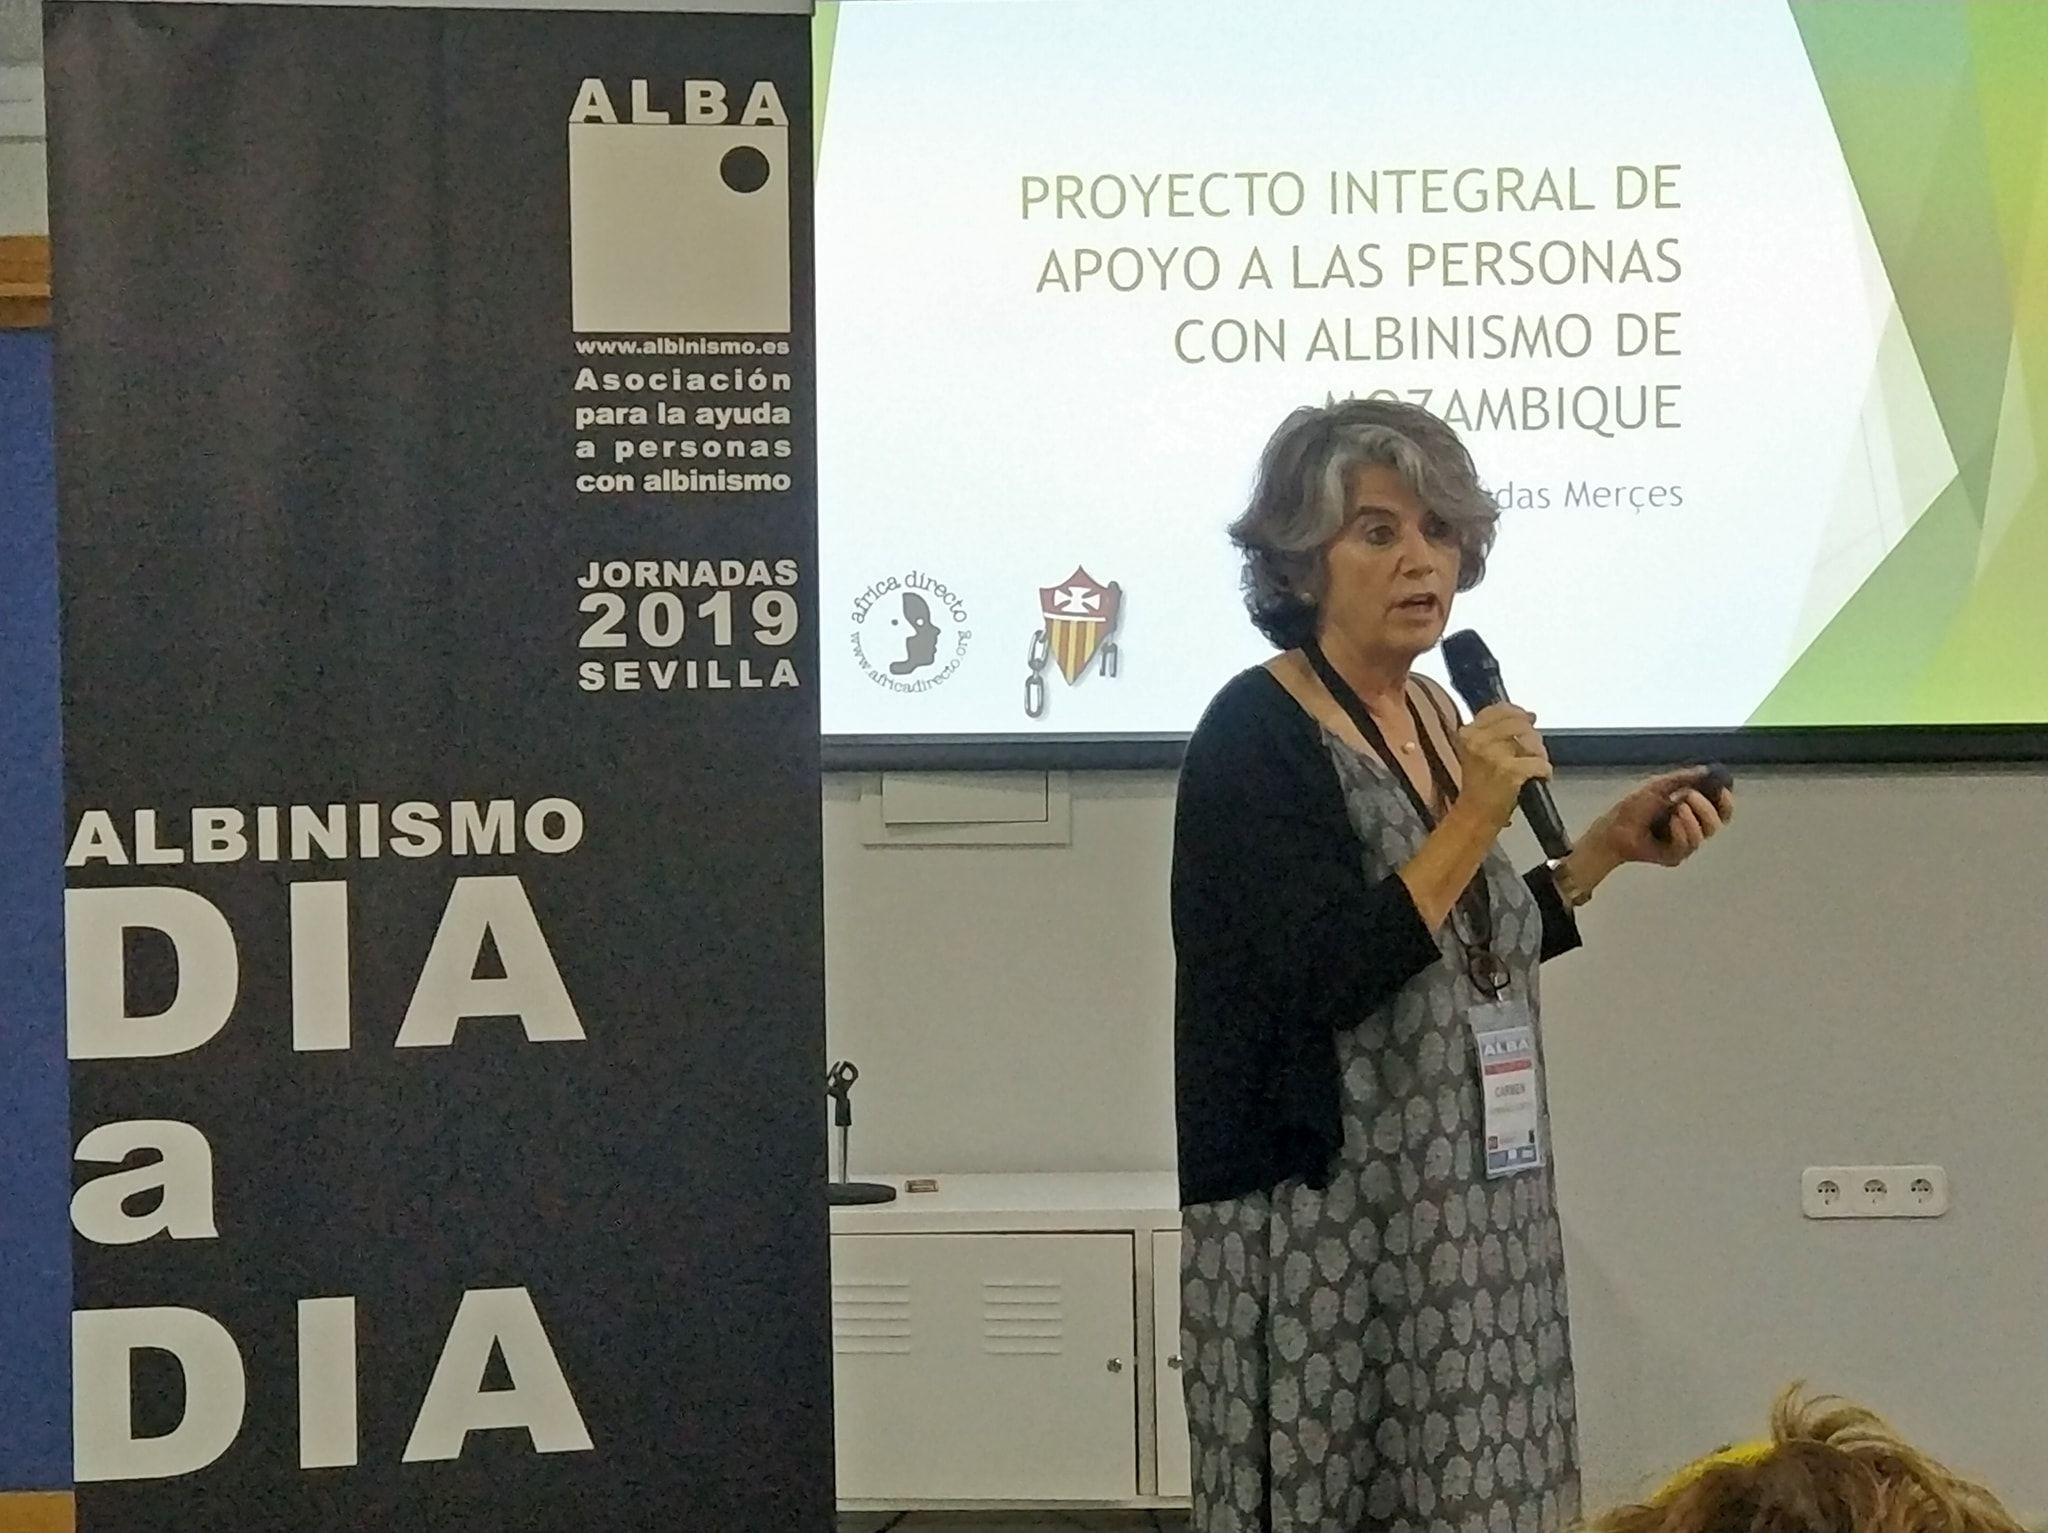 Presentacion del Proyecto ganador del Fondo Solidario ALBA por Carmen Mormeneo